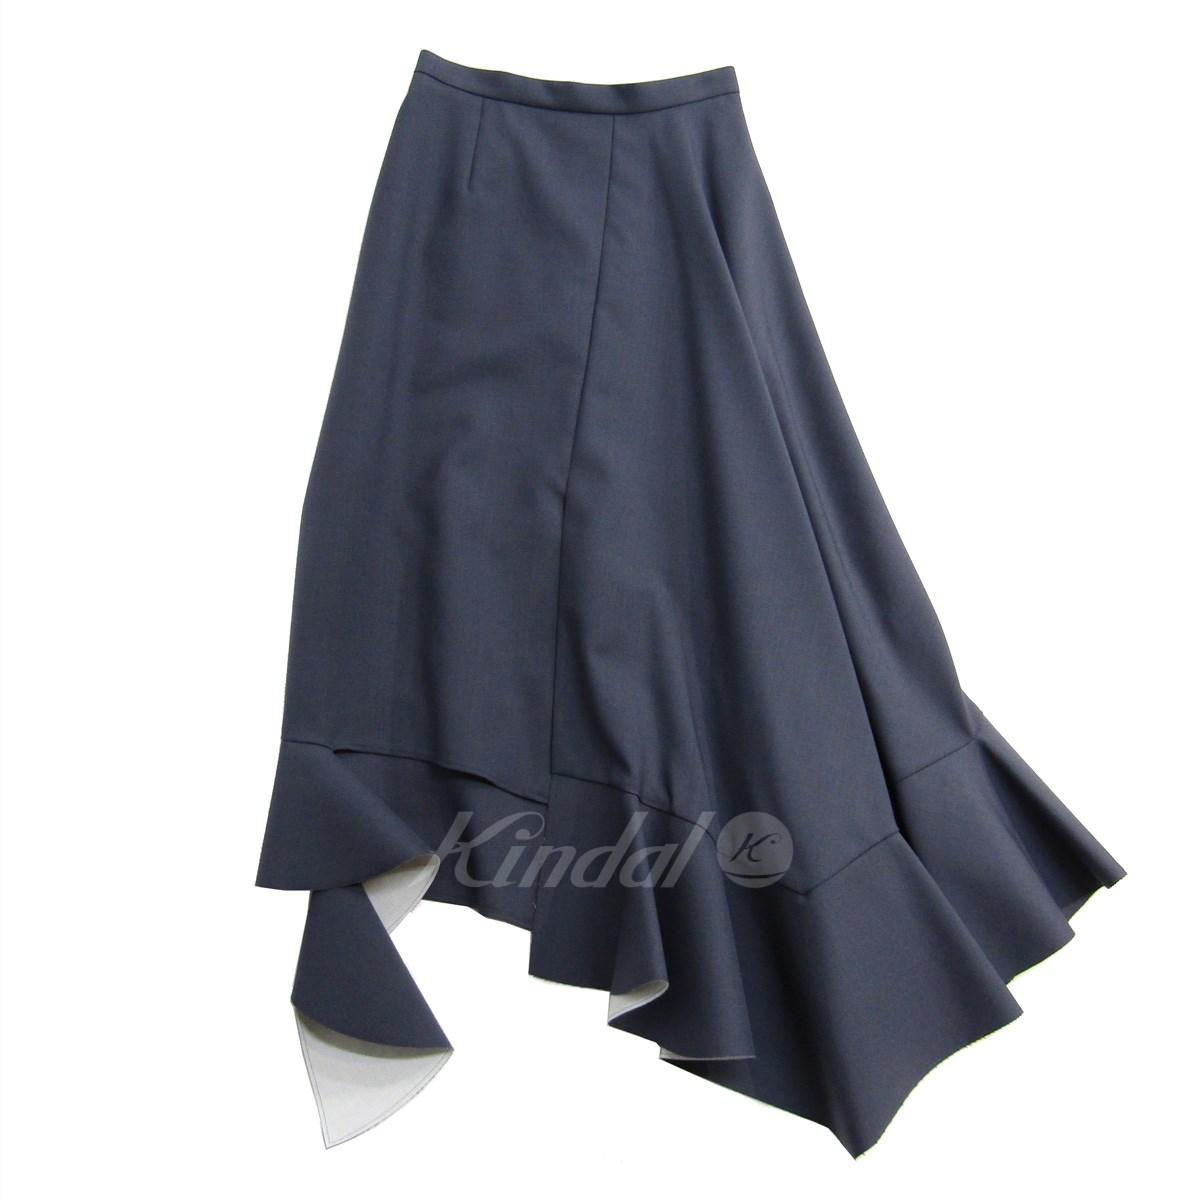 【中古】IRENE 2018AW One Side Flare Skirt アシンメトリーフレアスカート グレー サイズ:34 【120519】(アイレネ)